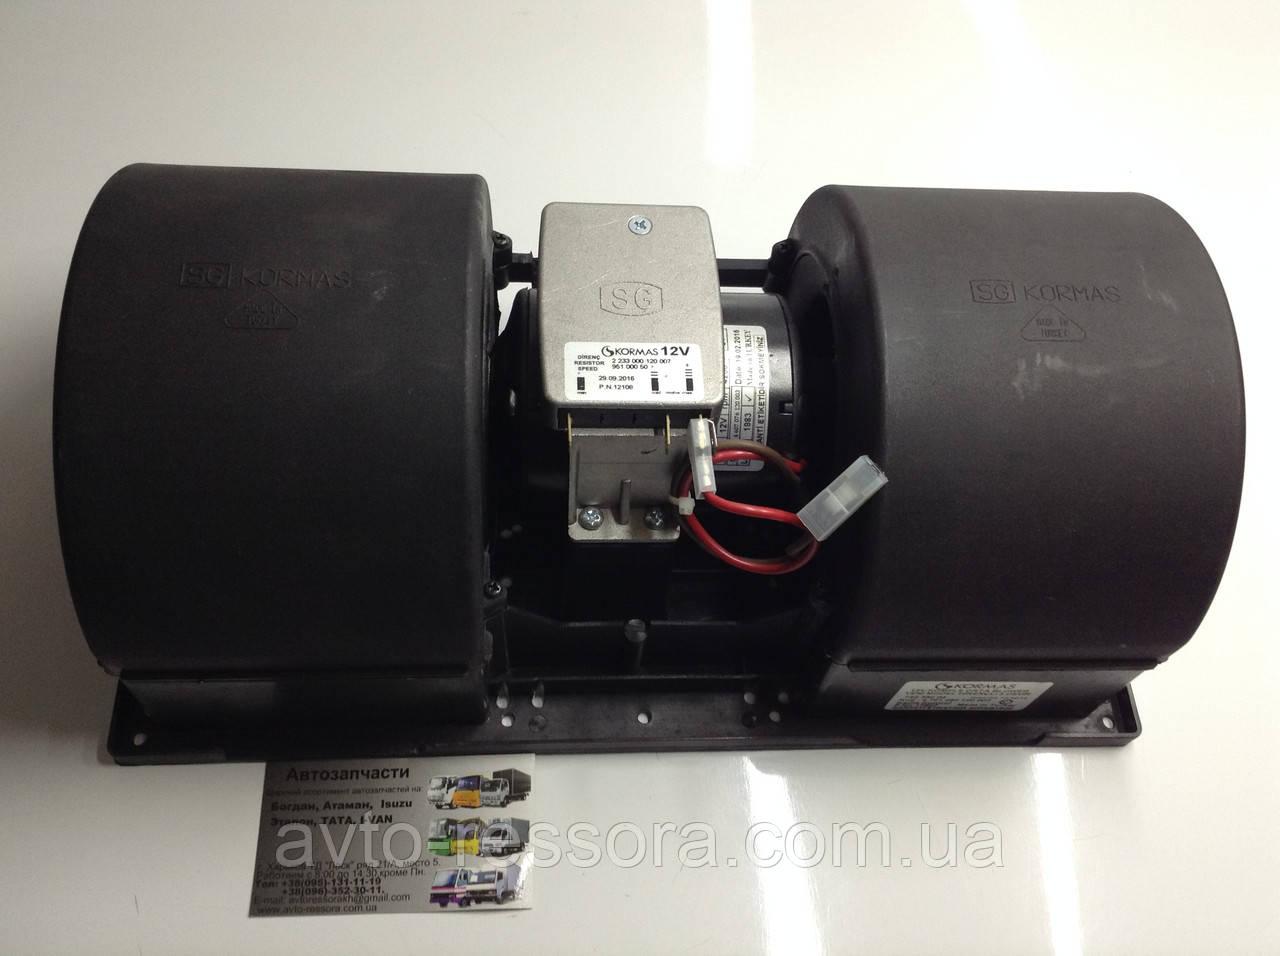 Двигатель электрический обдува лобового стекла (в корпусе) Эталон, ТАТА 613 (12V,24V) KORMAS